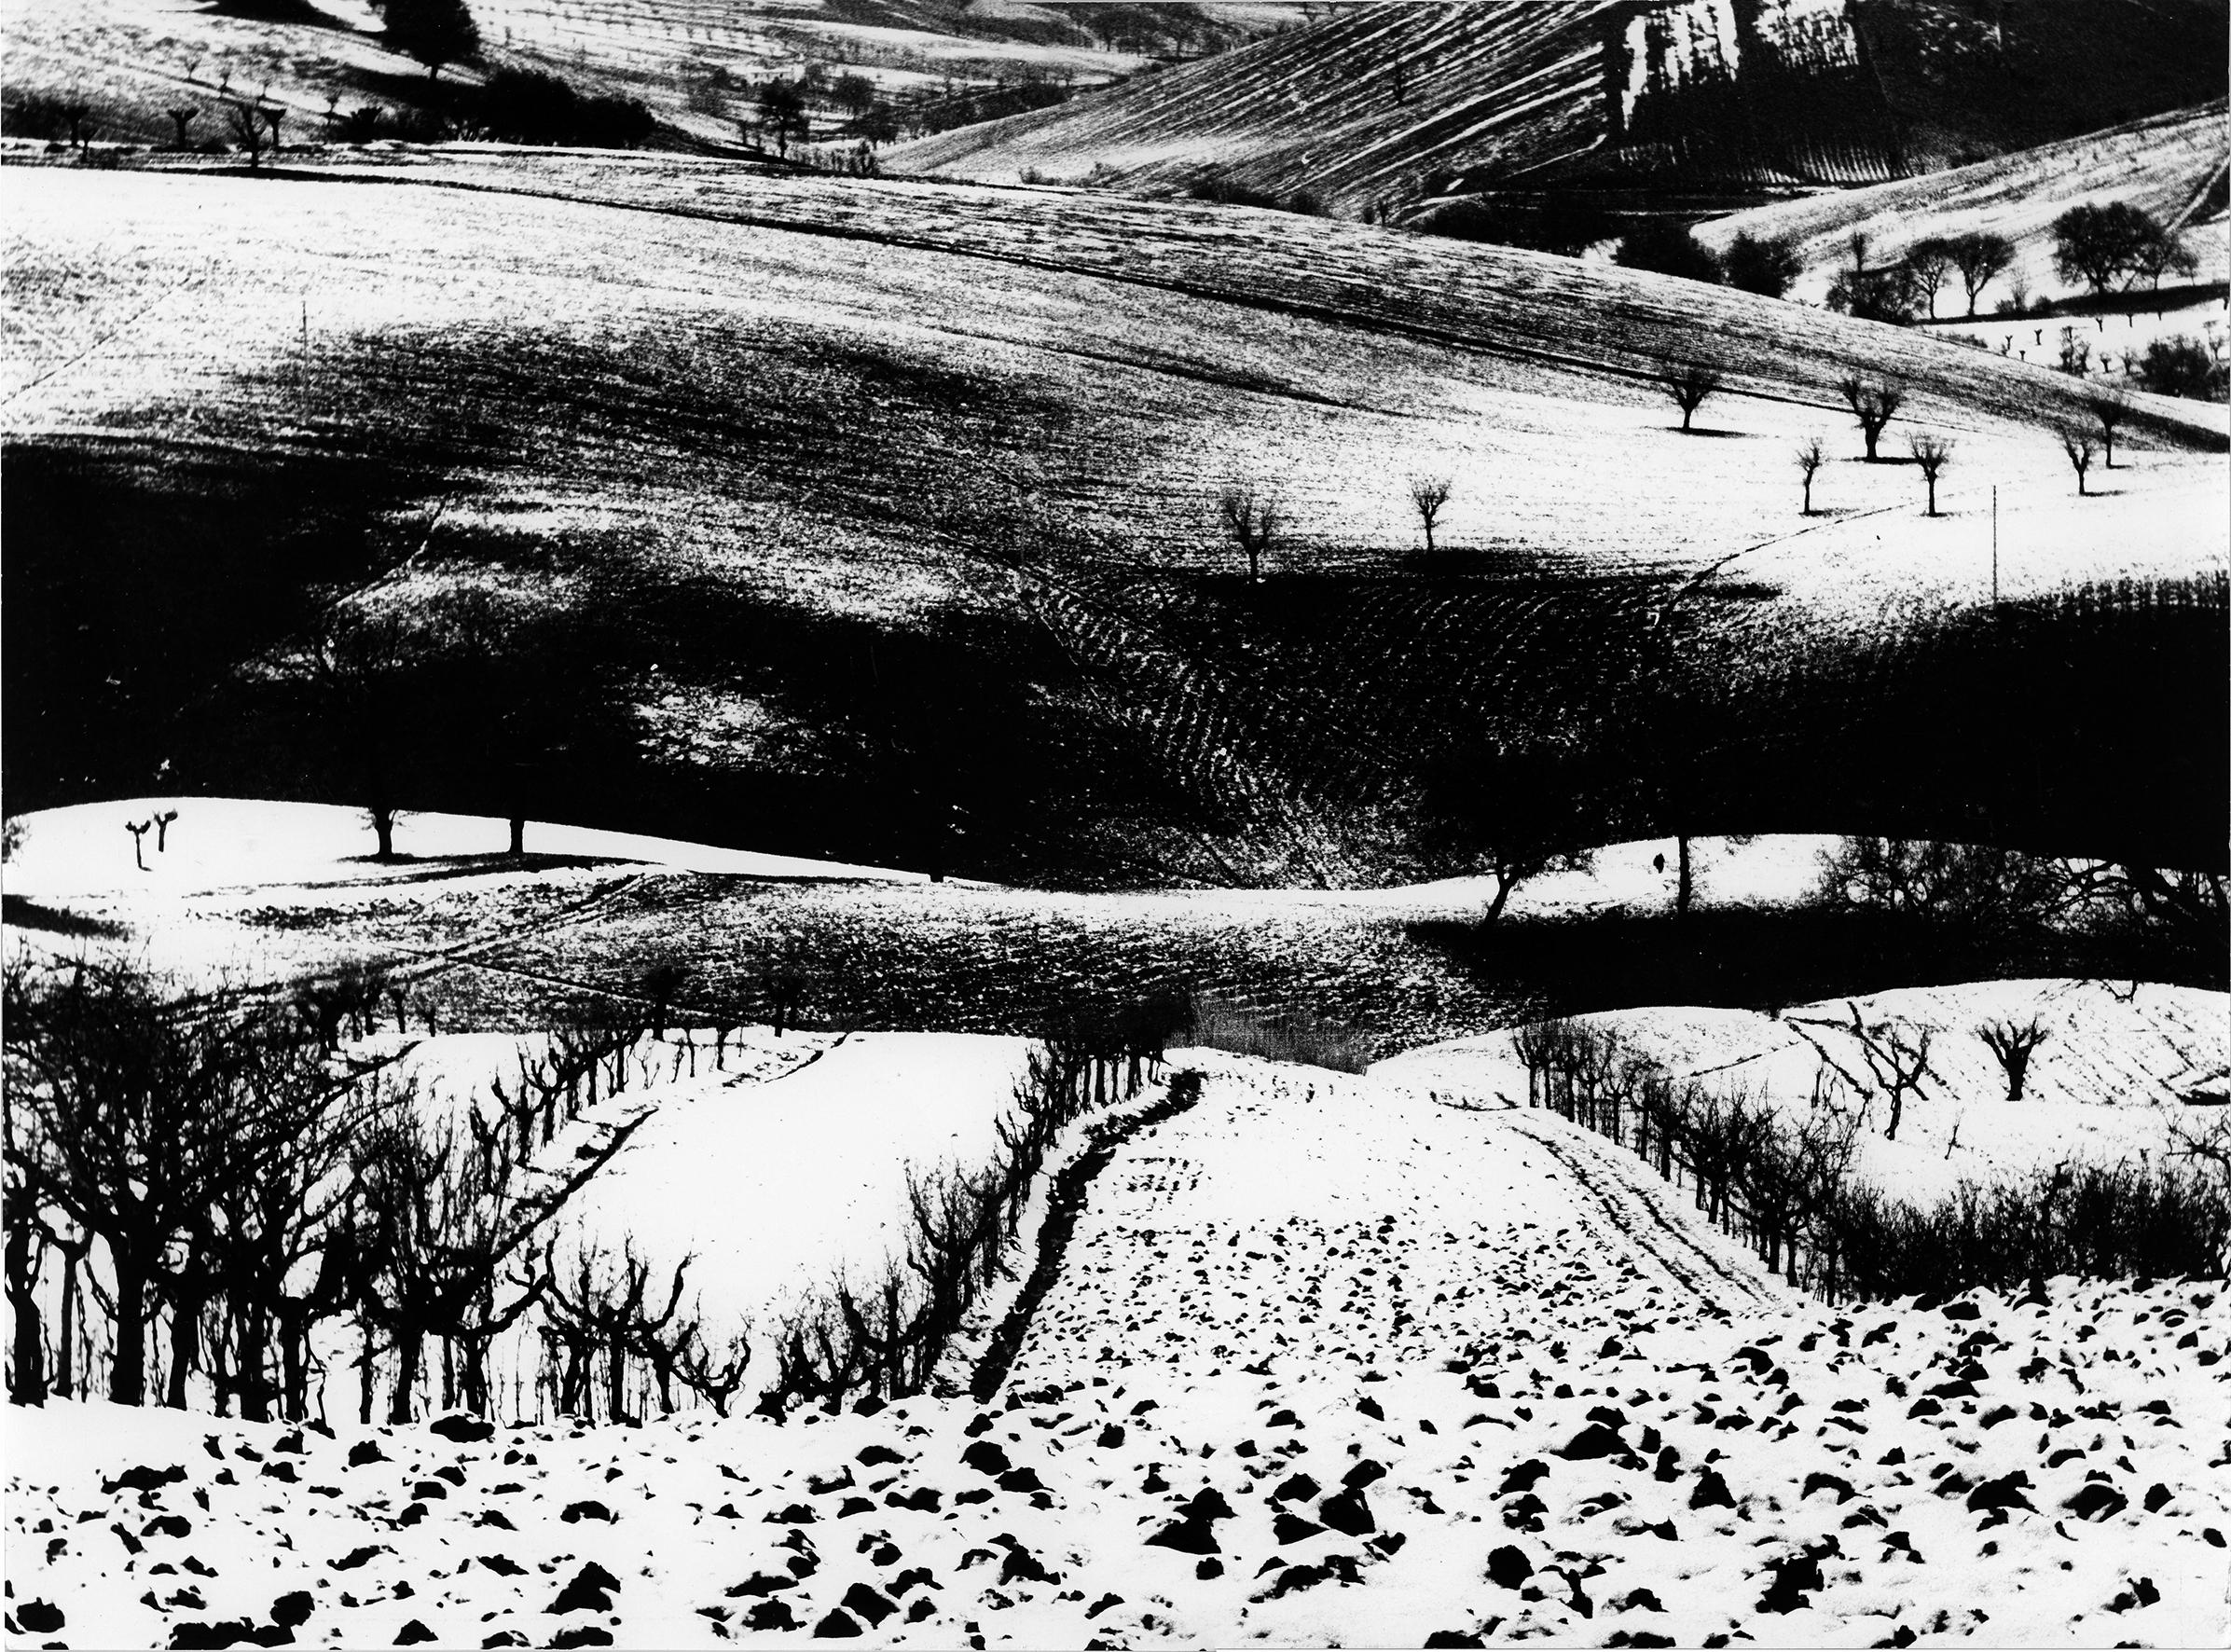 Il fotografo che inseguiva i fantasmi. Tra fiaba e astrazione, i paesaggi agresti di Mario Giacomelli a Milano